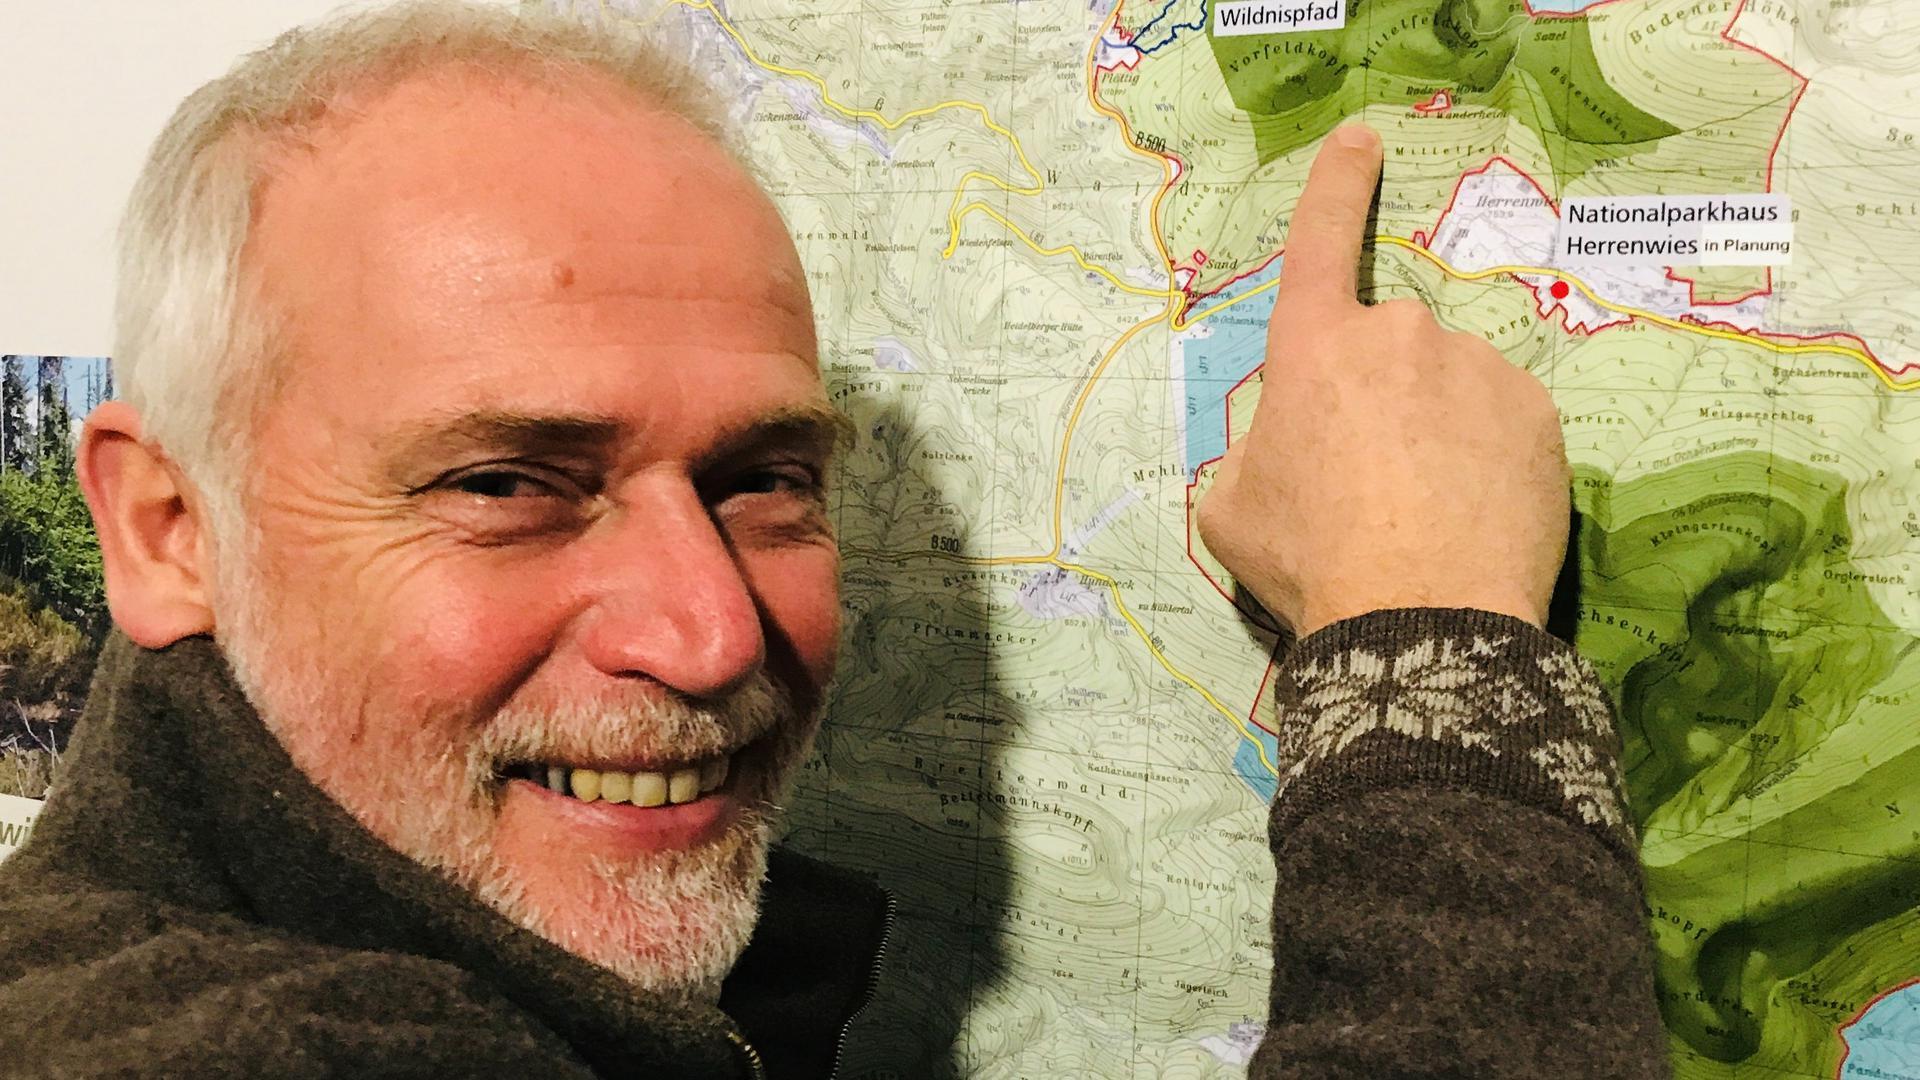 Der Leiter des Nationalparks Schwarzwald, Wolfgang Schlund, steht vor einer Karte mit dem nördlichen Teil des Schutzgebiets zwischen Baden-Baden und Freudenstadt.